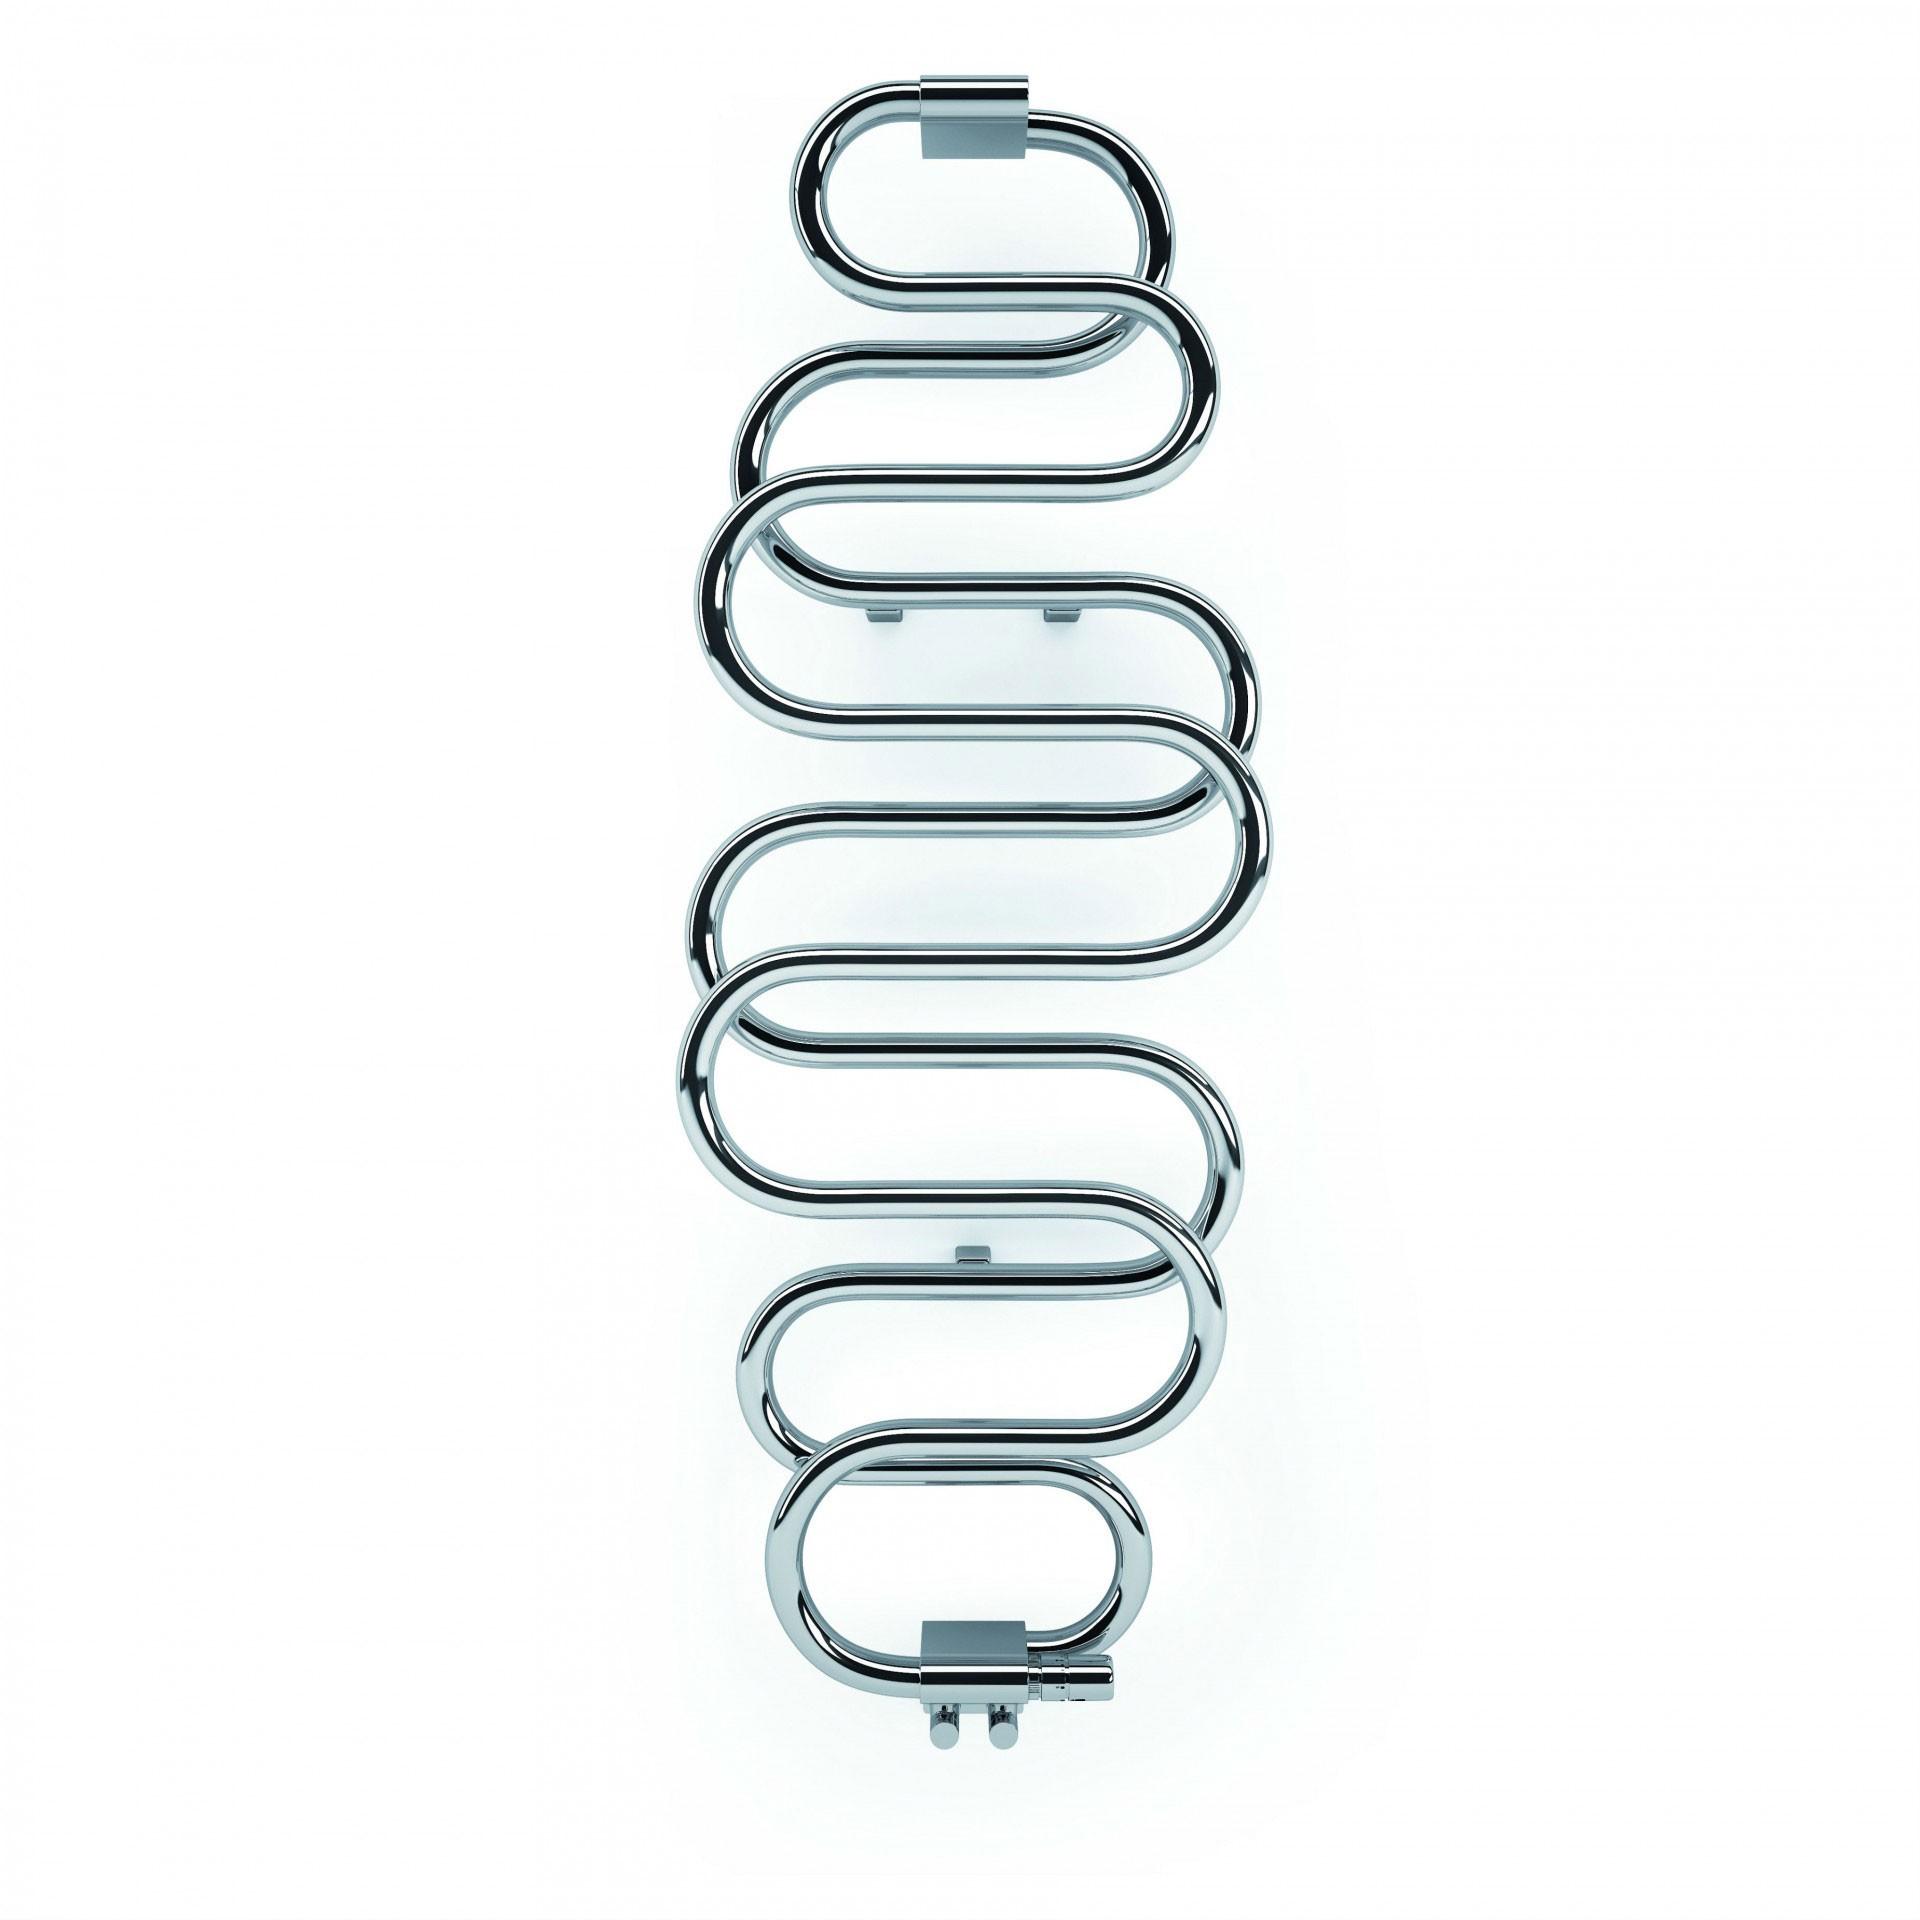 Design Badheizkörper, Handtuchtrockner Terma Perla